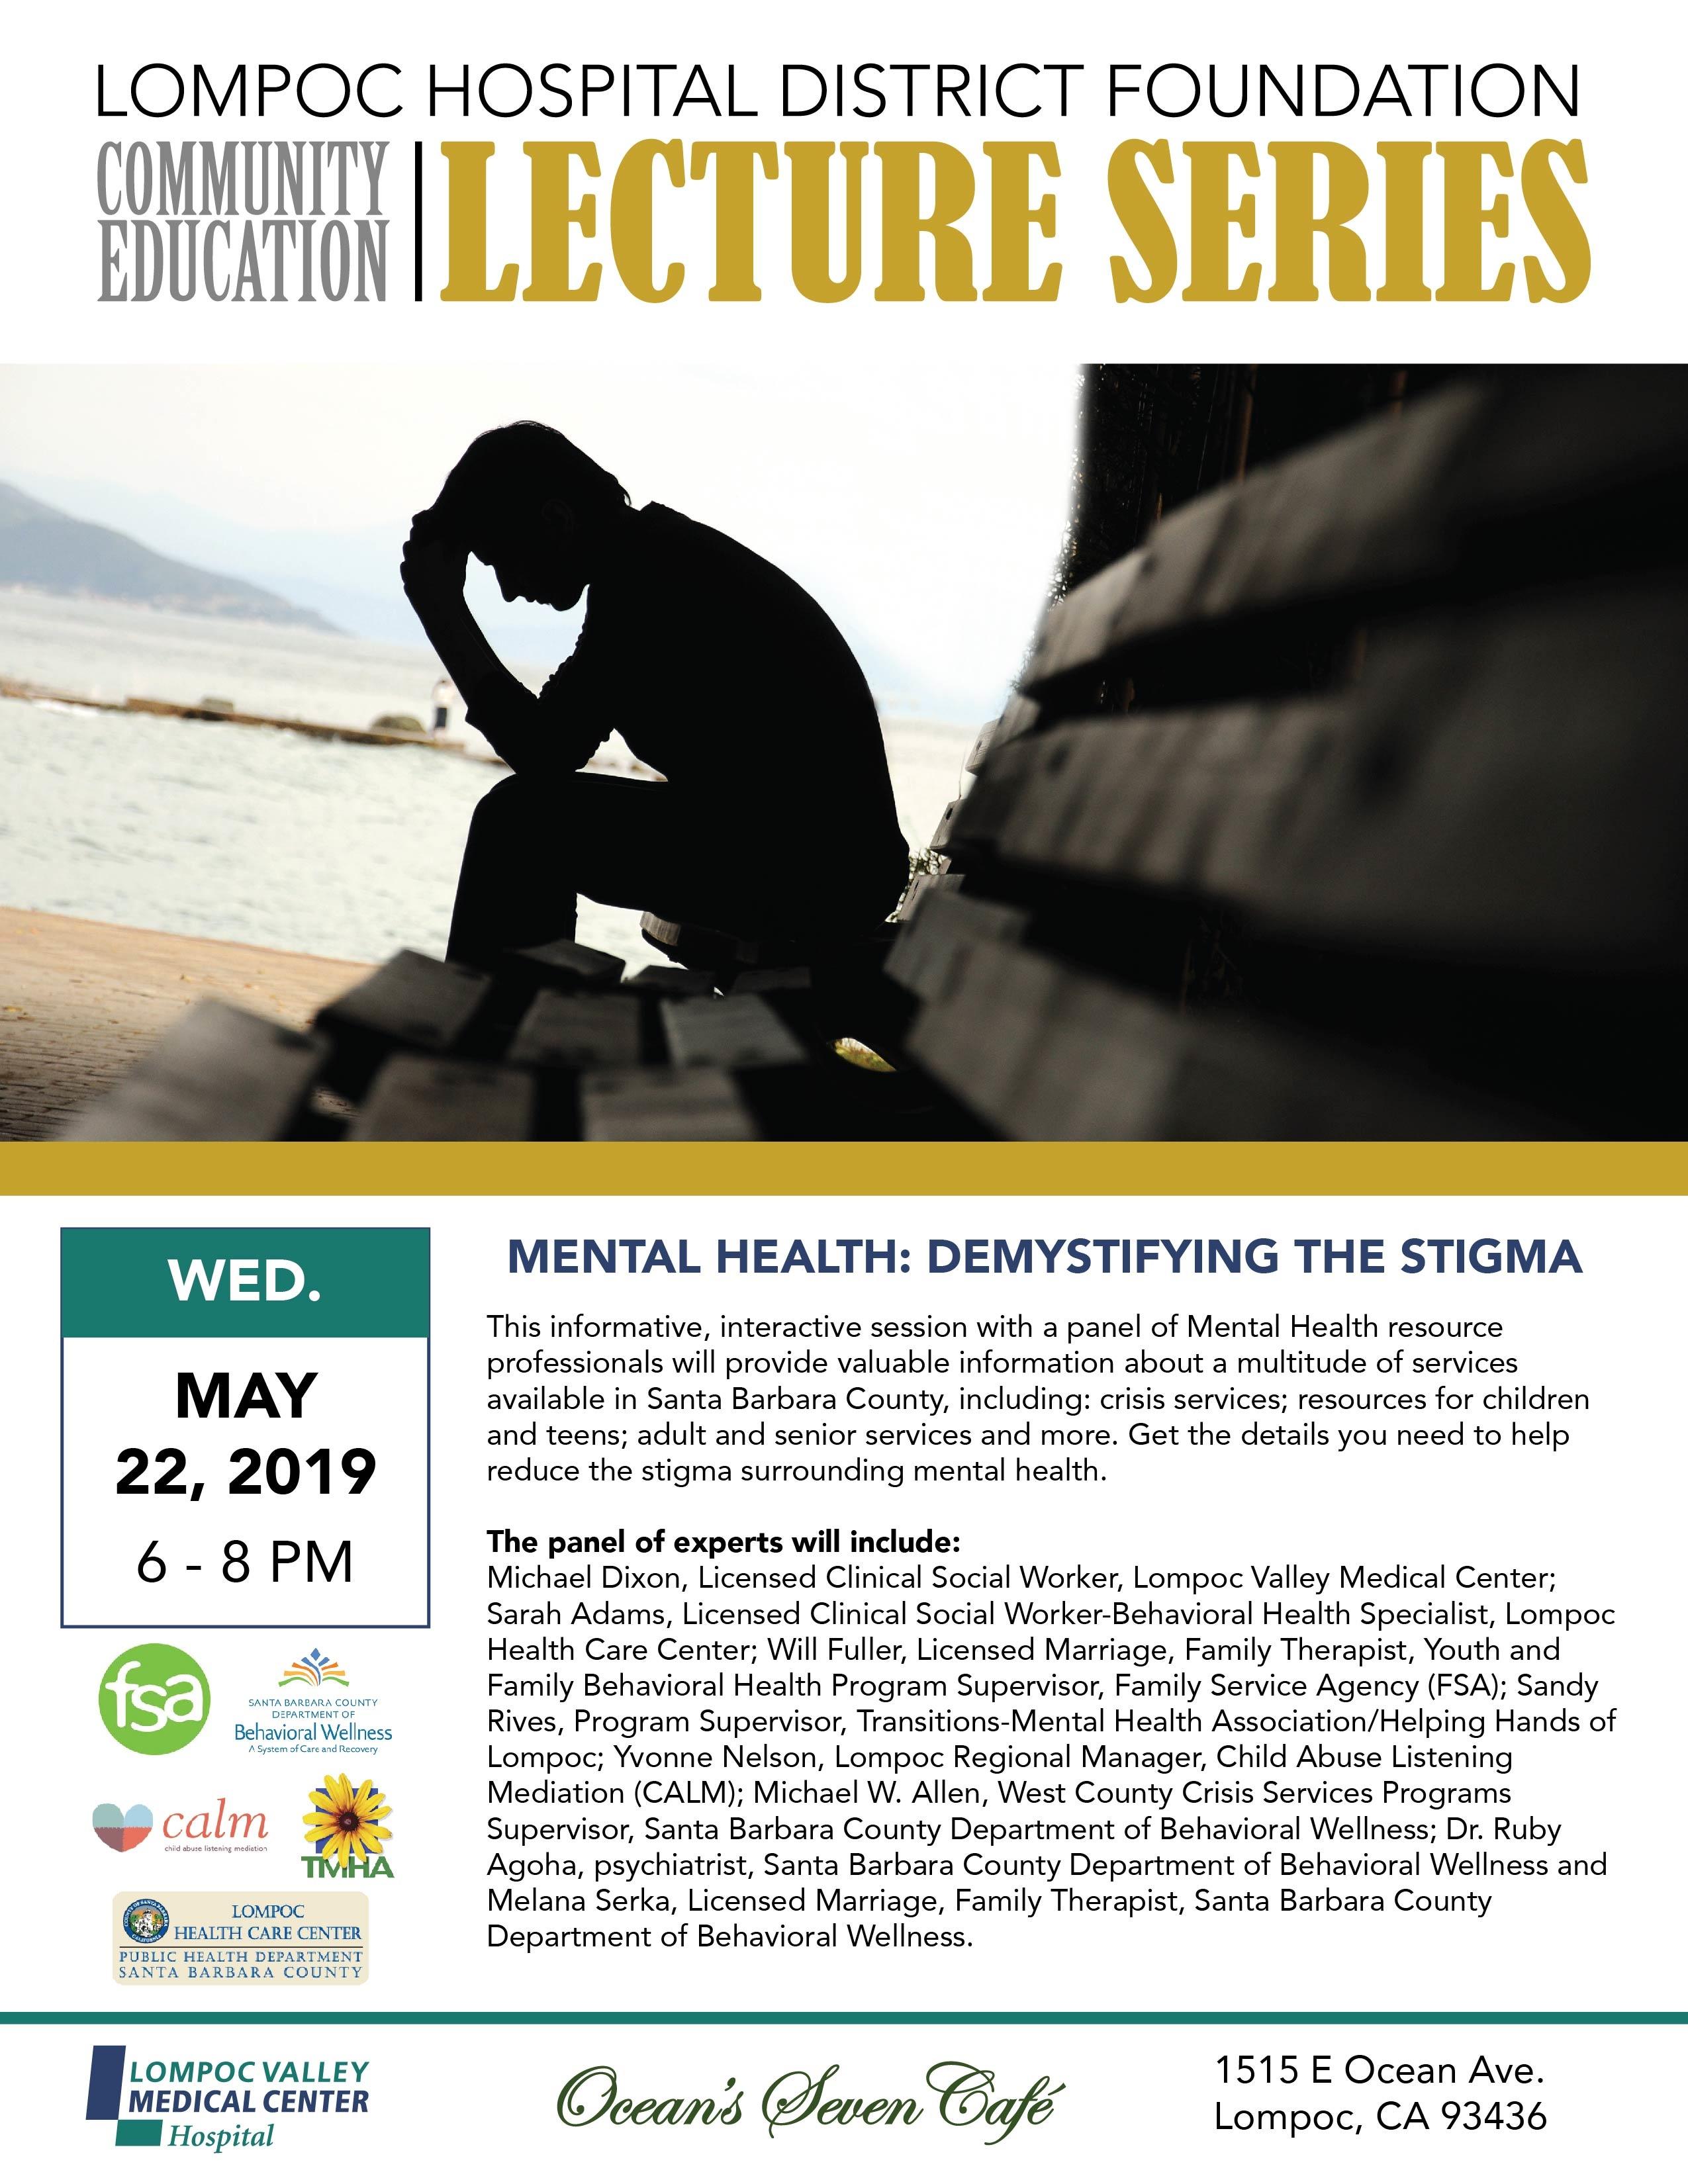 Demystifying Mental Health